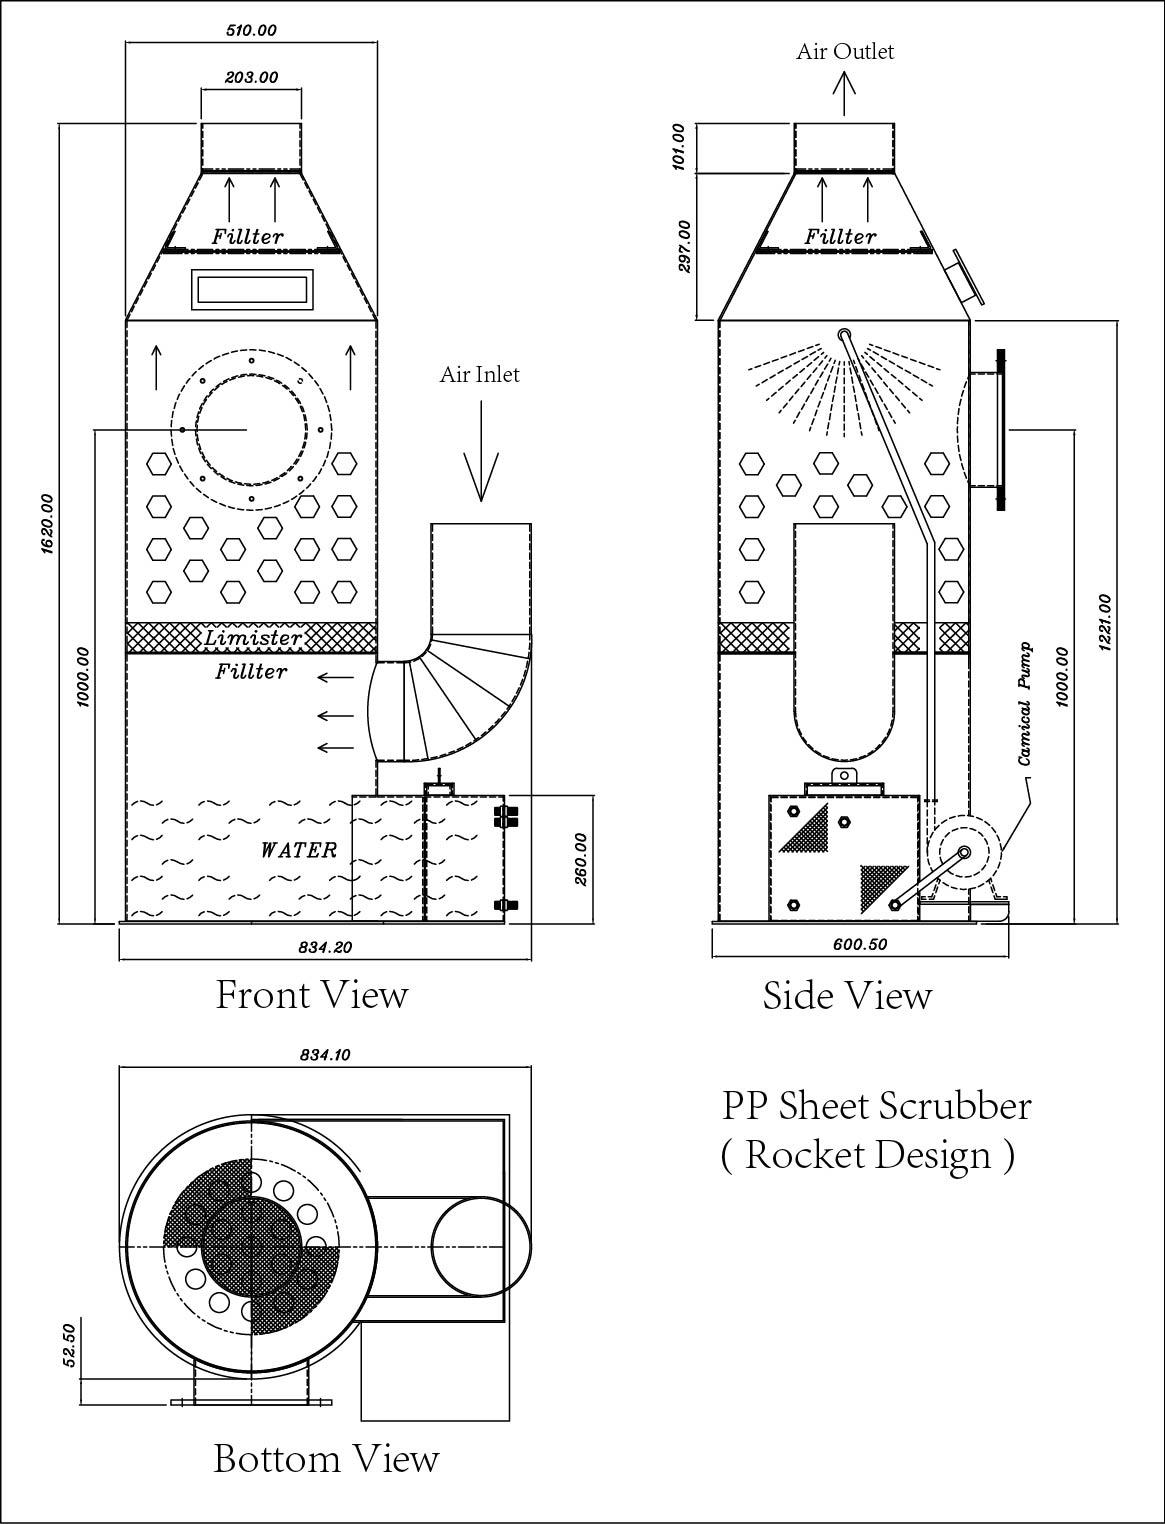 scrubber pp sheet